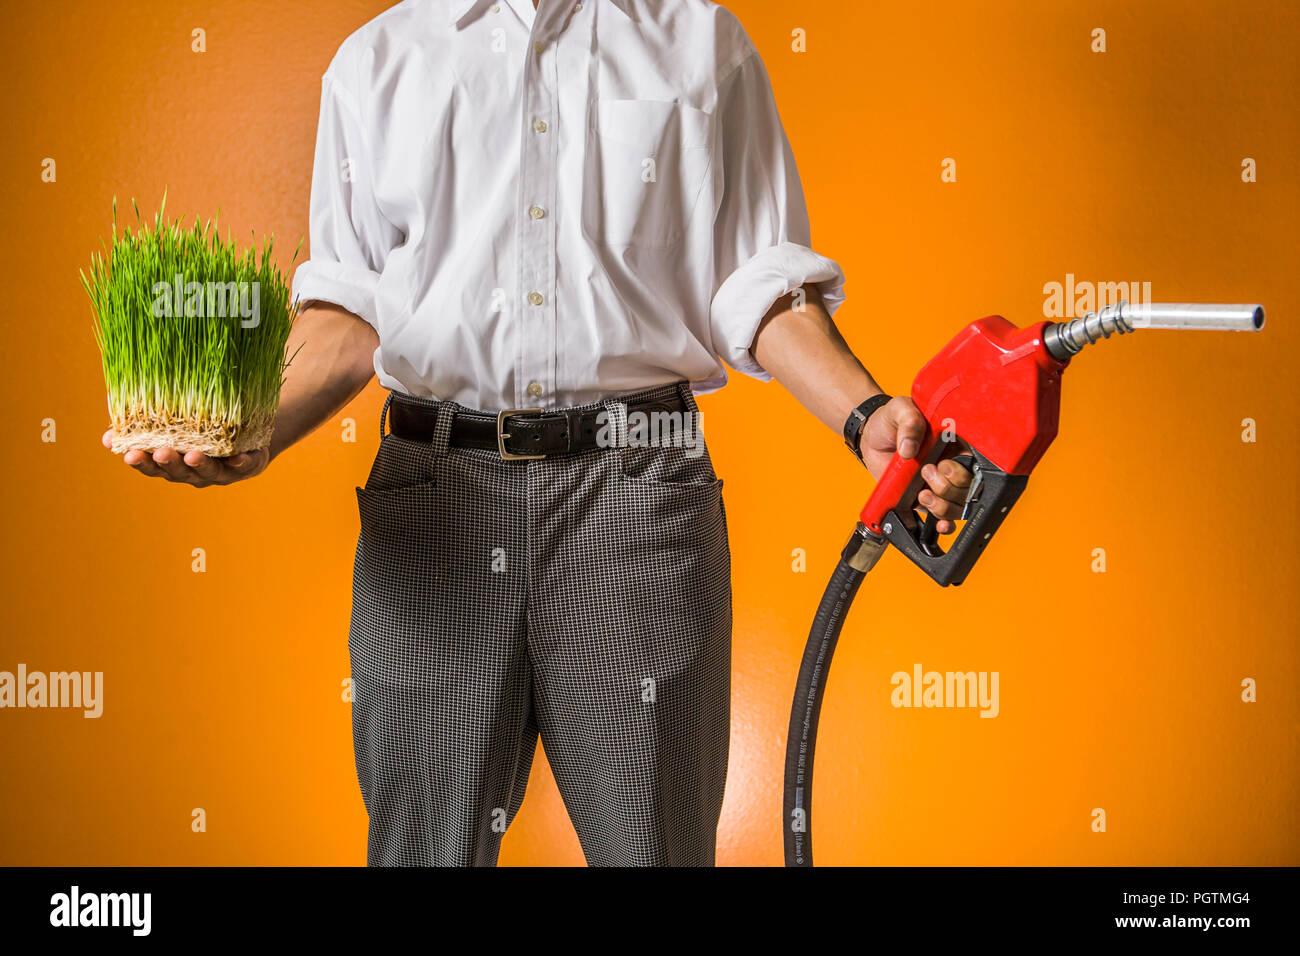 Un uomo con un piatto di erba di frumento in una mano e un ugello di benzina nell'altro. Concetto di combustibili verdi vs combustibili fossili. Immagini Stock